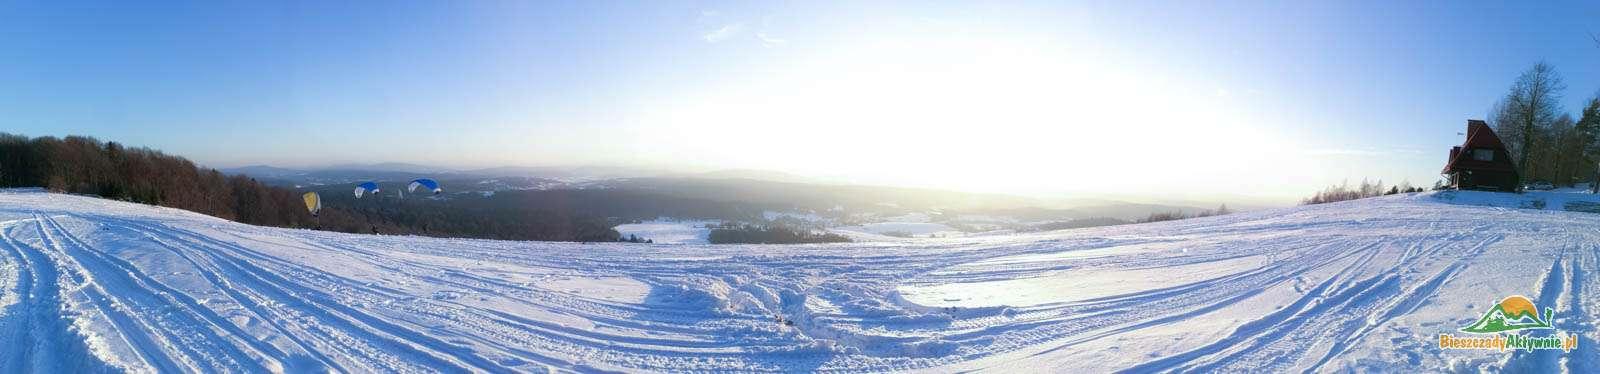 Panorama szybowiska w Bezmiechowej zimą.